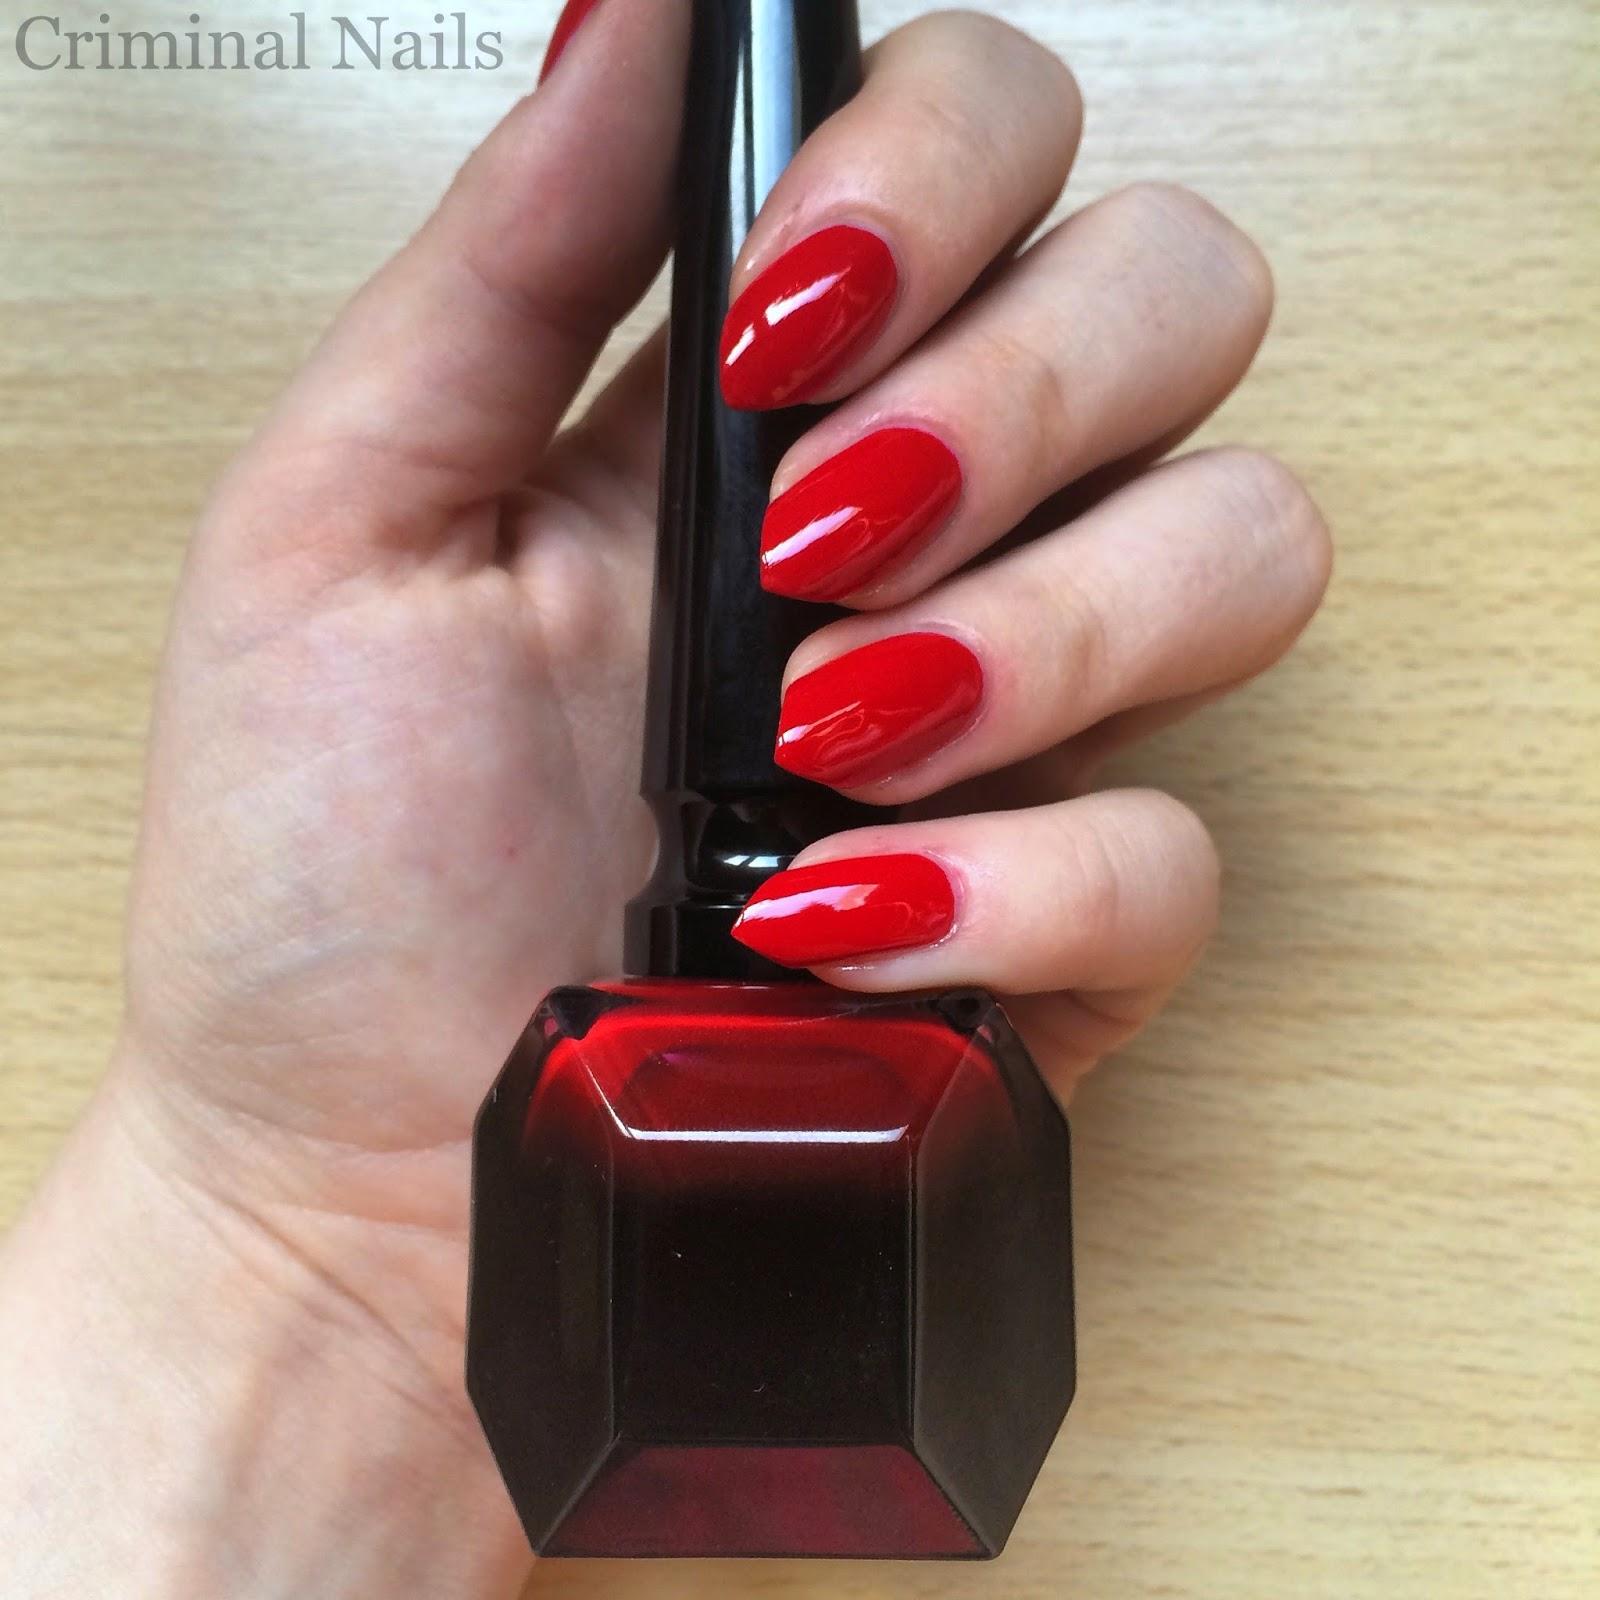 Criminal Nails My Louboutin Stilettos Rouge Louboutin Or The